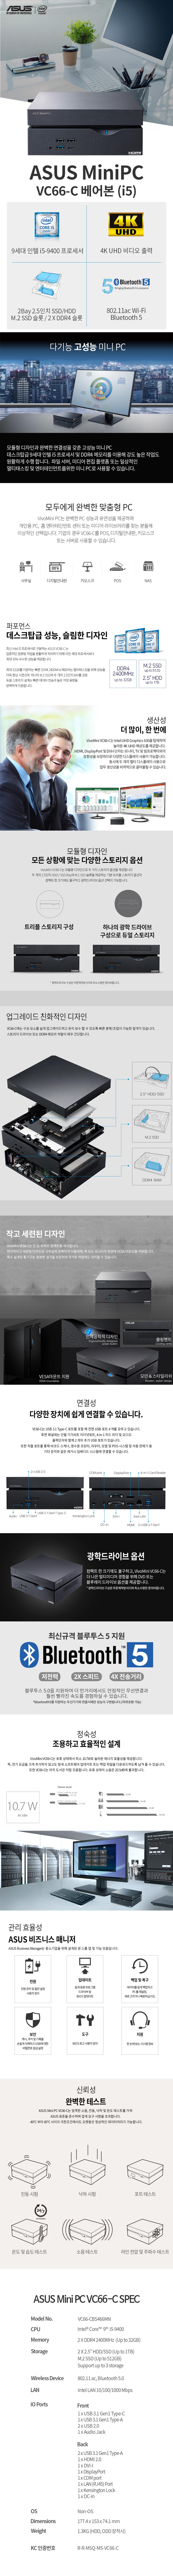 ASUS VivoMini VC66-C i5-9400 M2 (16GB, M2 256GB + 2TB)